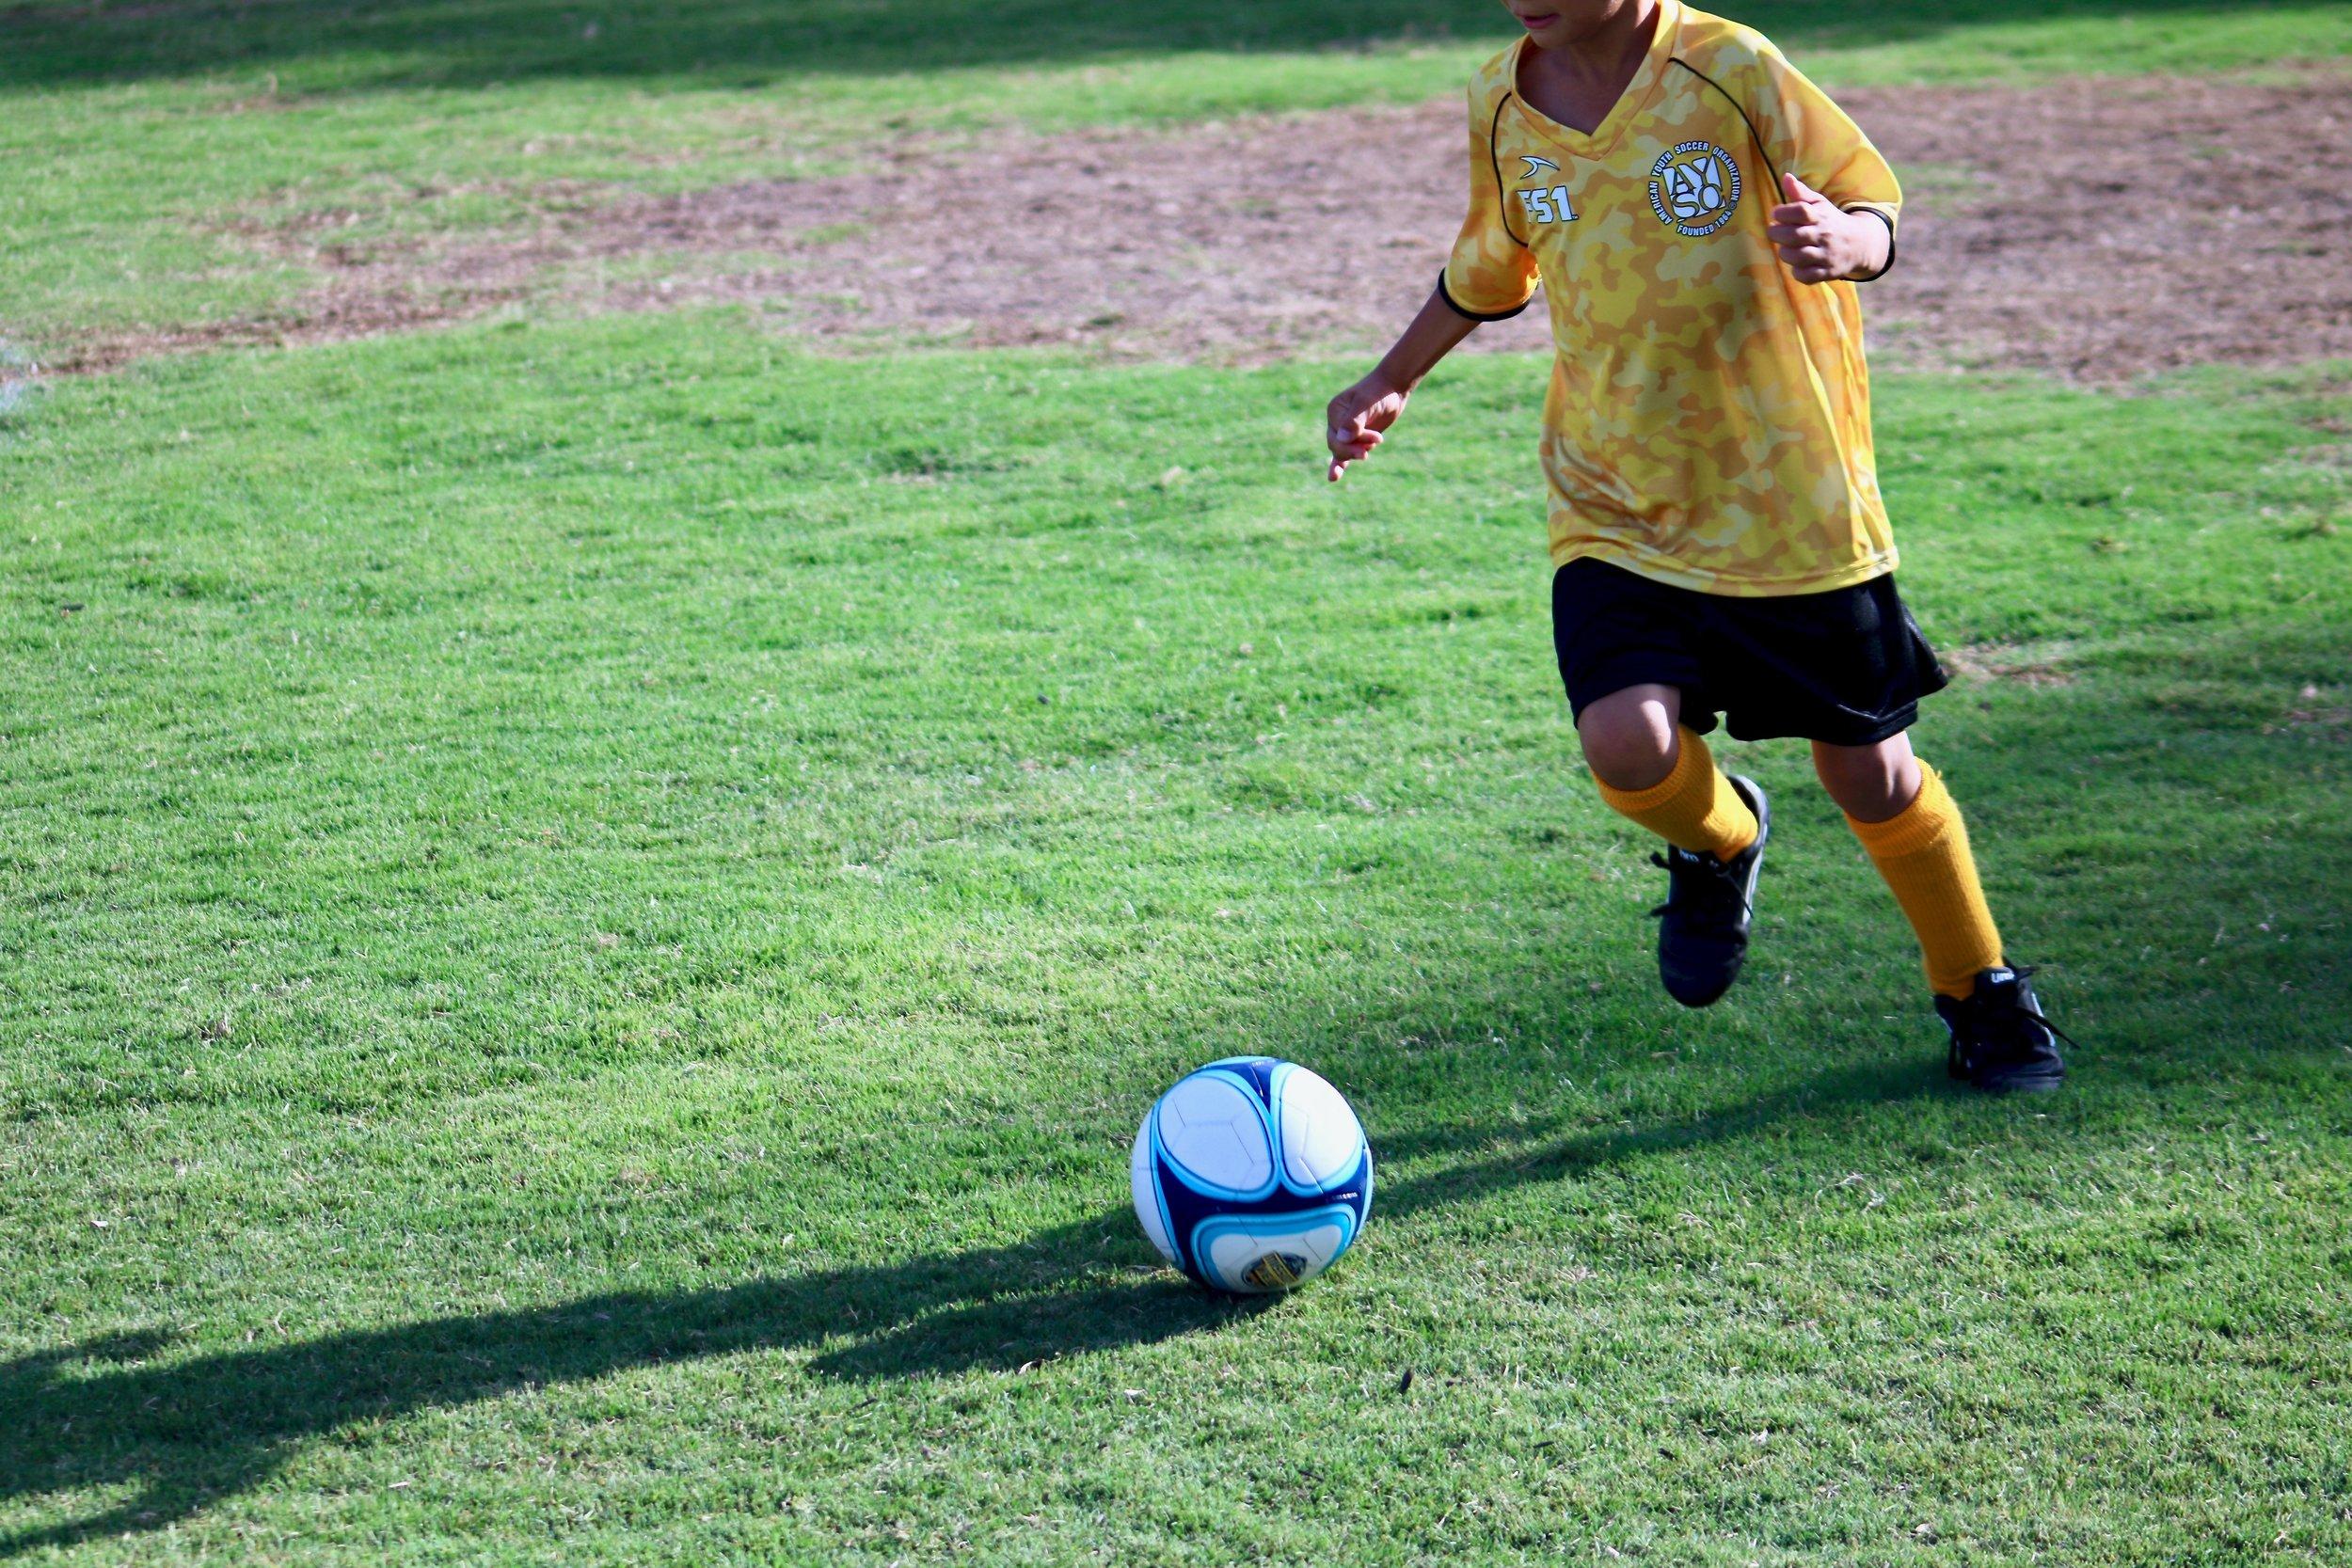 Lahjoitustoiminta - Onko urheiluseurallanne, luokkaretkirahastollanne tai oppilasyhdistyksellänne rahantarvetta? Mentori Ry edesauttaa nuorten aktivoitumista. Hae linkin kautta lahjoitusta.